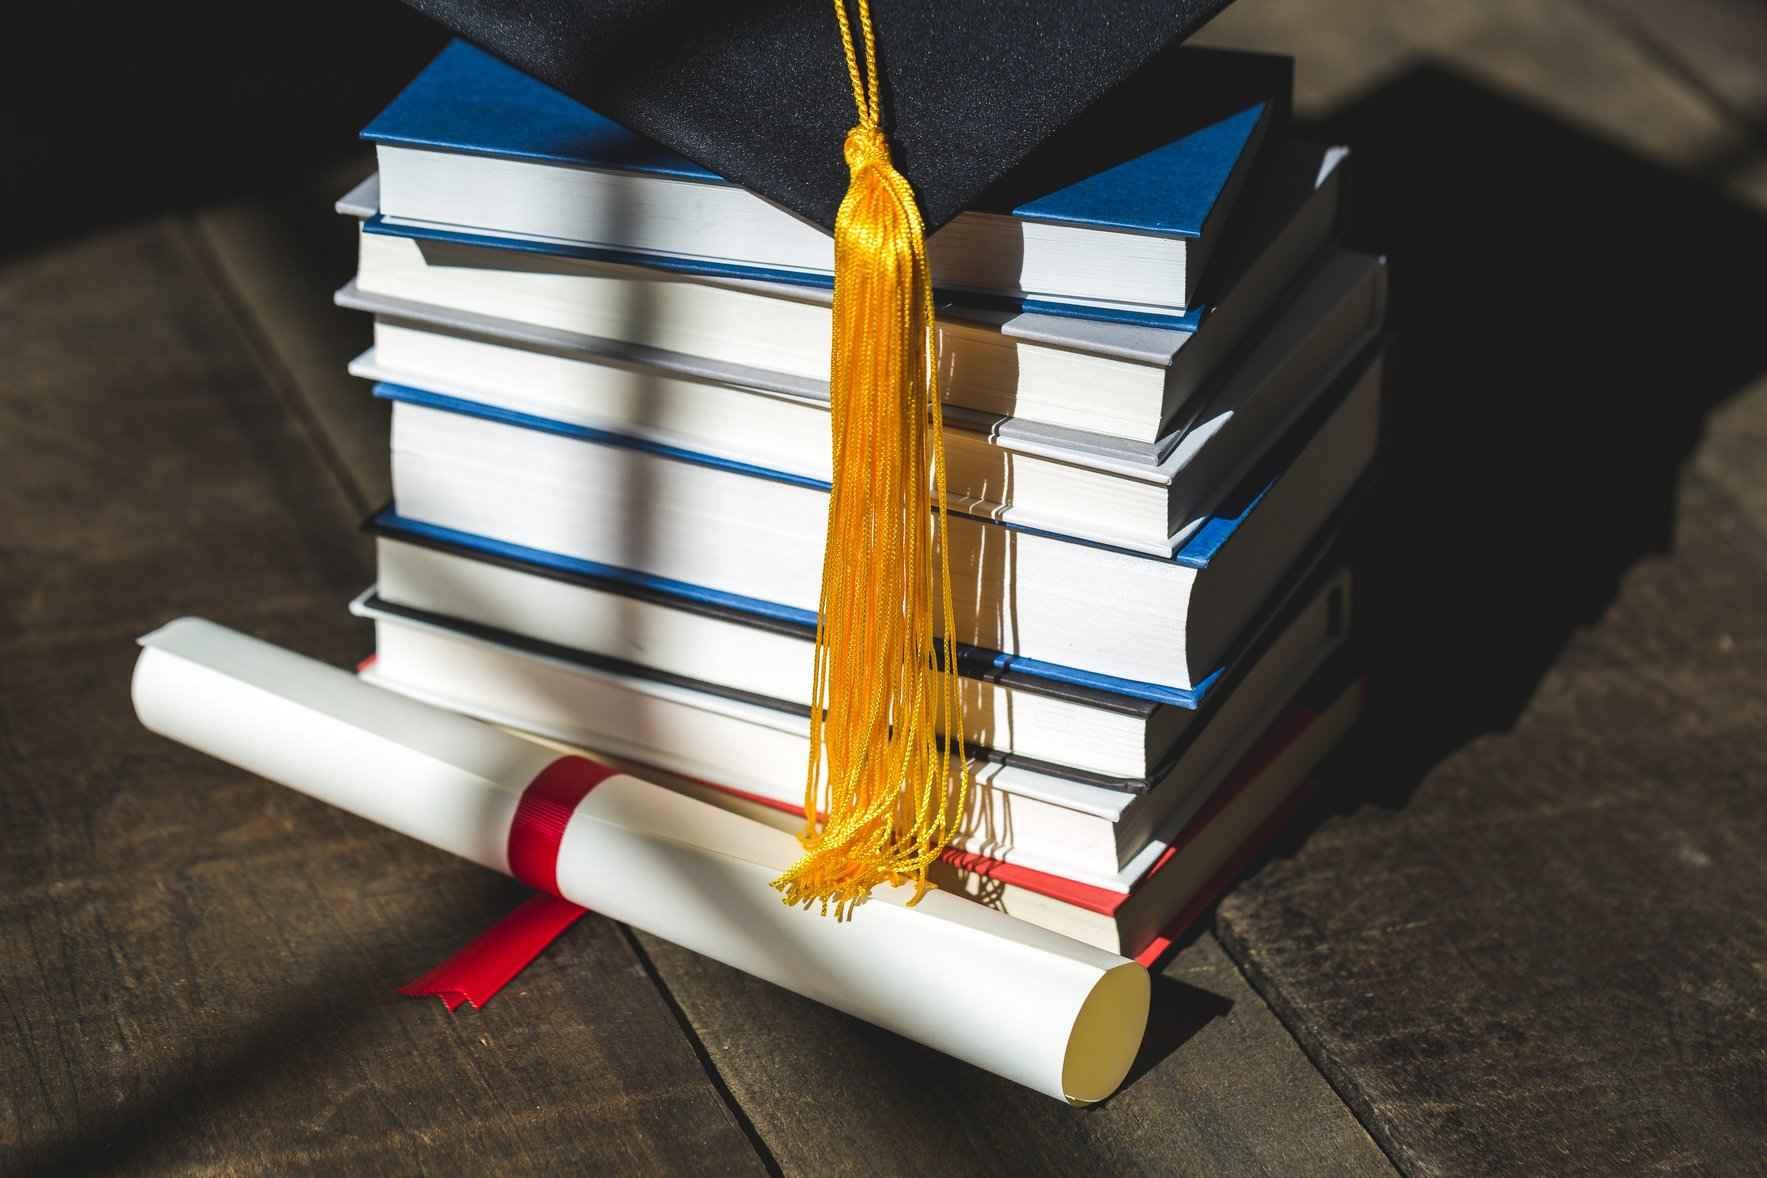 2020 Academic Achievement Graduation image